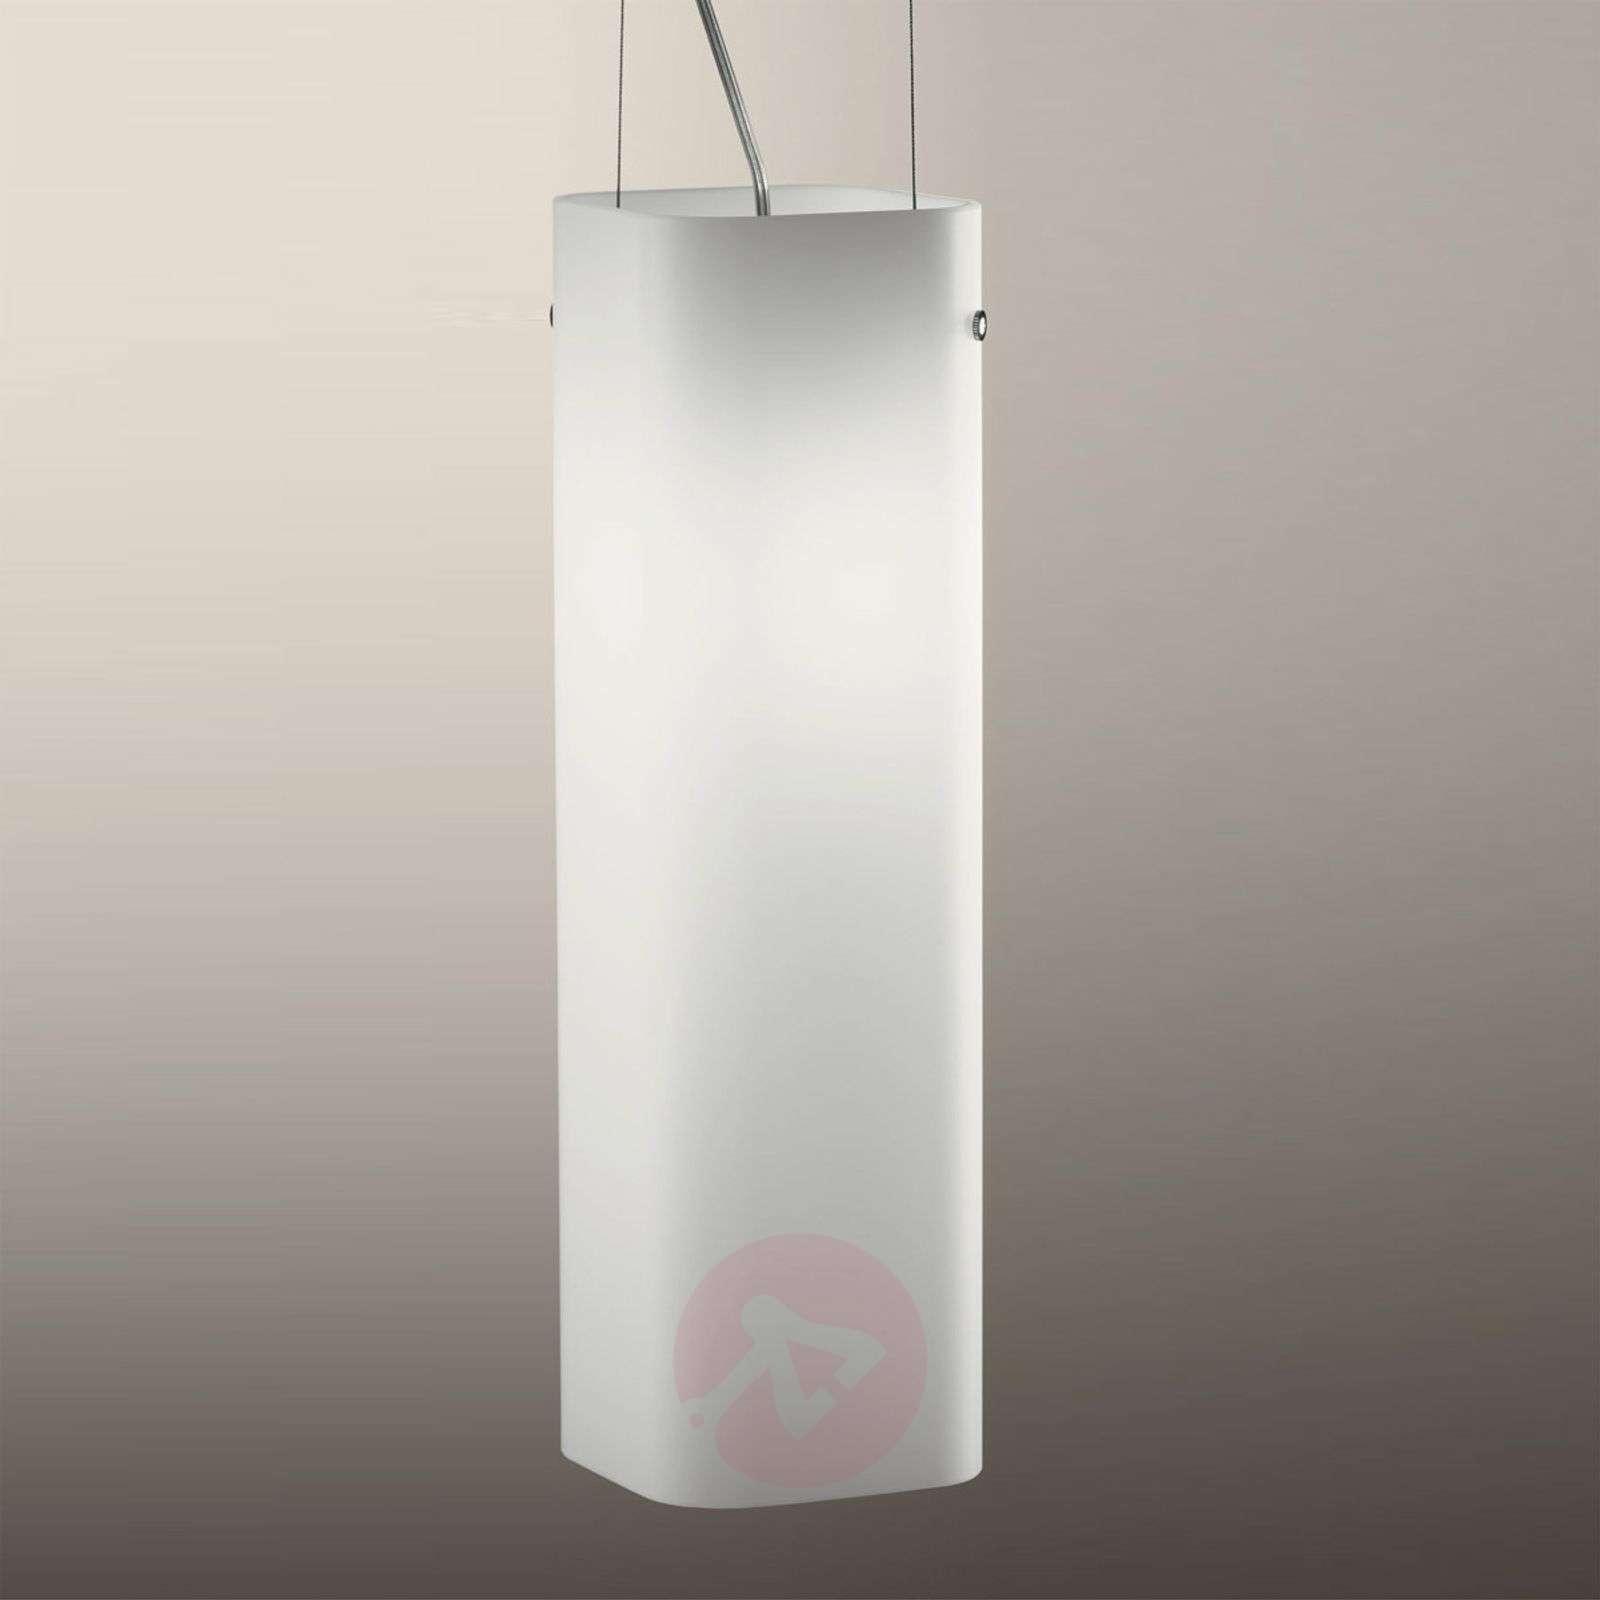 Loistokas Carré-riippuvalaisin, 1-lamppuinen-2502760-01